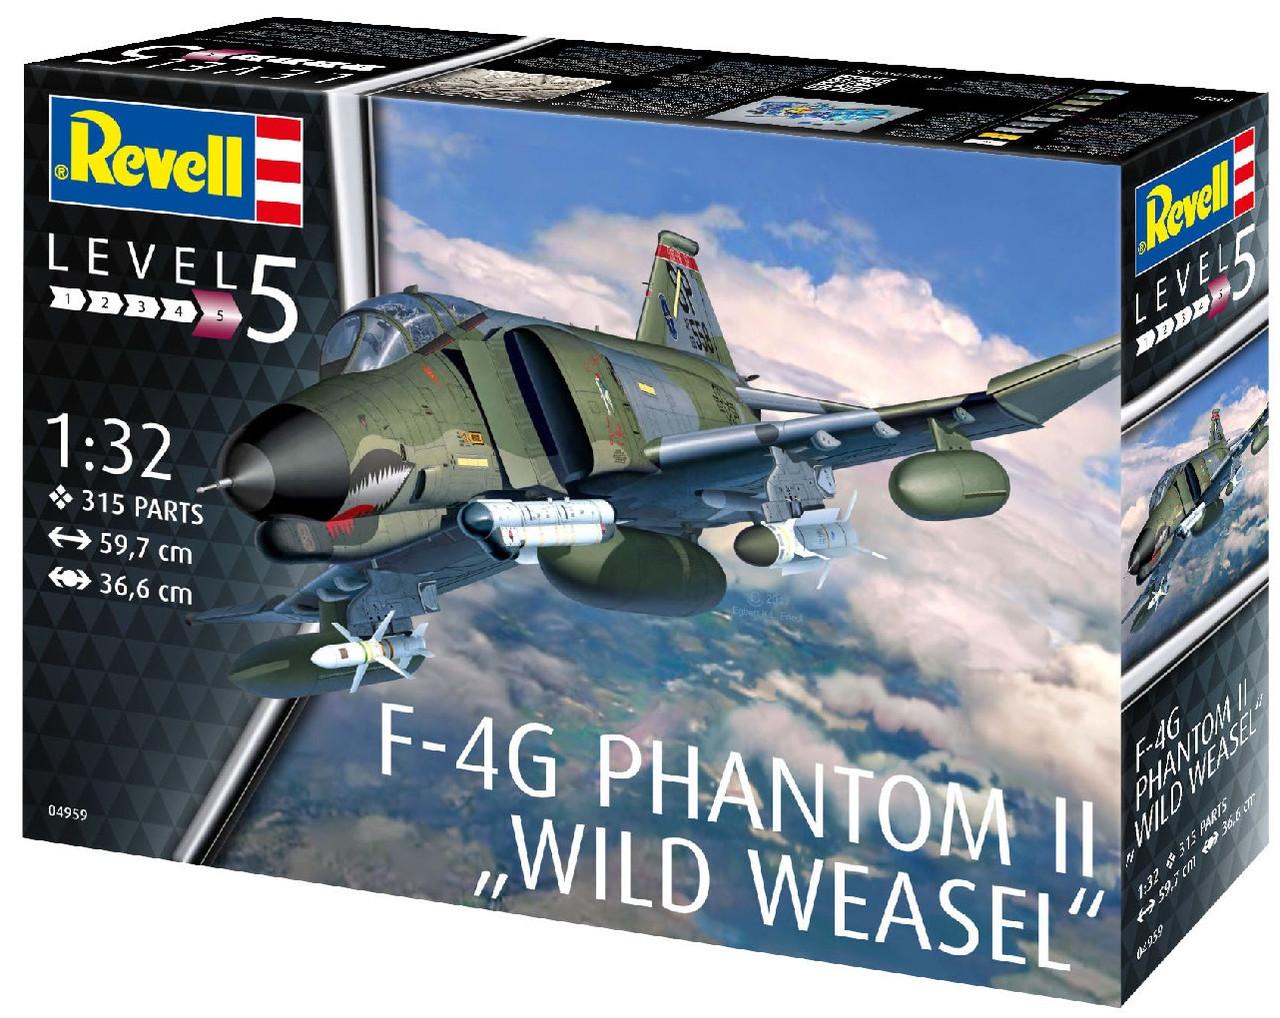 """Сборная модель-копия Revell Истребитель F-4G Фантом II """"Дикая ласка"""" уровень 5 масштаб 1:32 (RVL-04959)"""